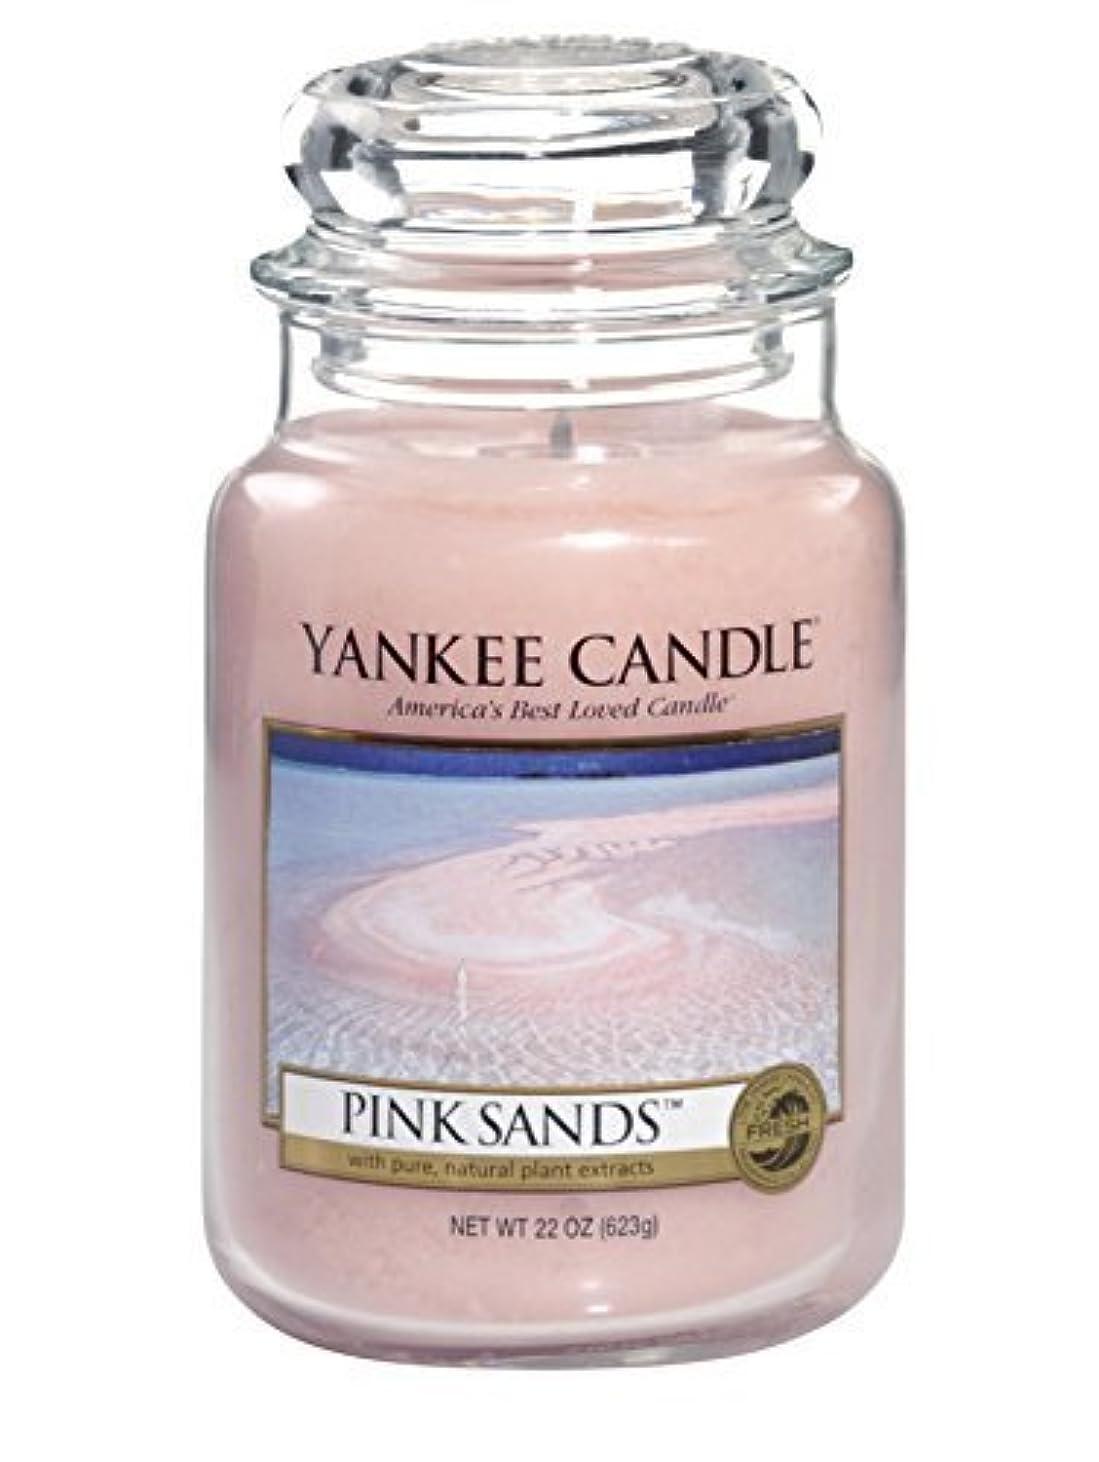 露遠足悲しいことにYankee Candle Pink Sands Large Jar 22oz Candle by Amazon source [並行輸入品]